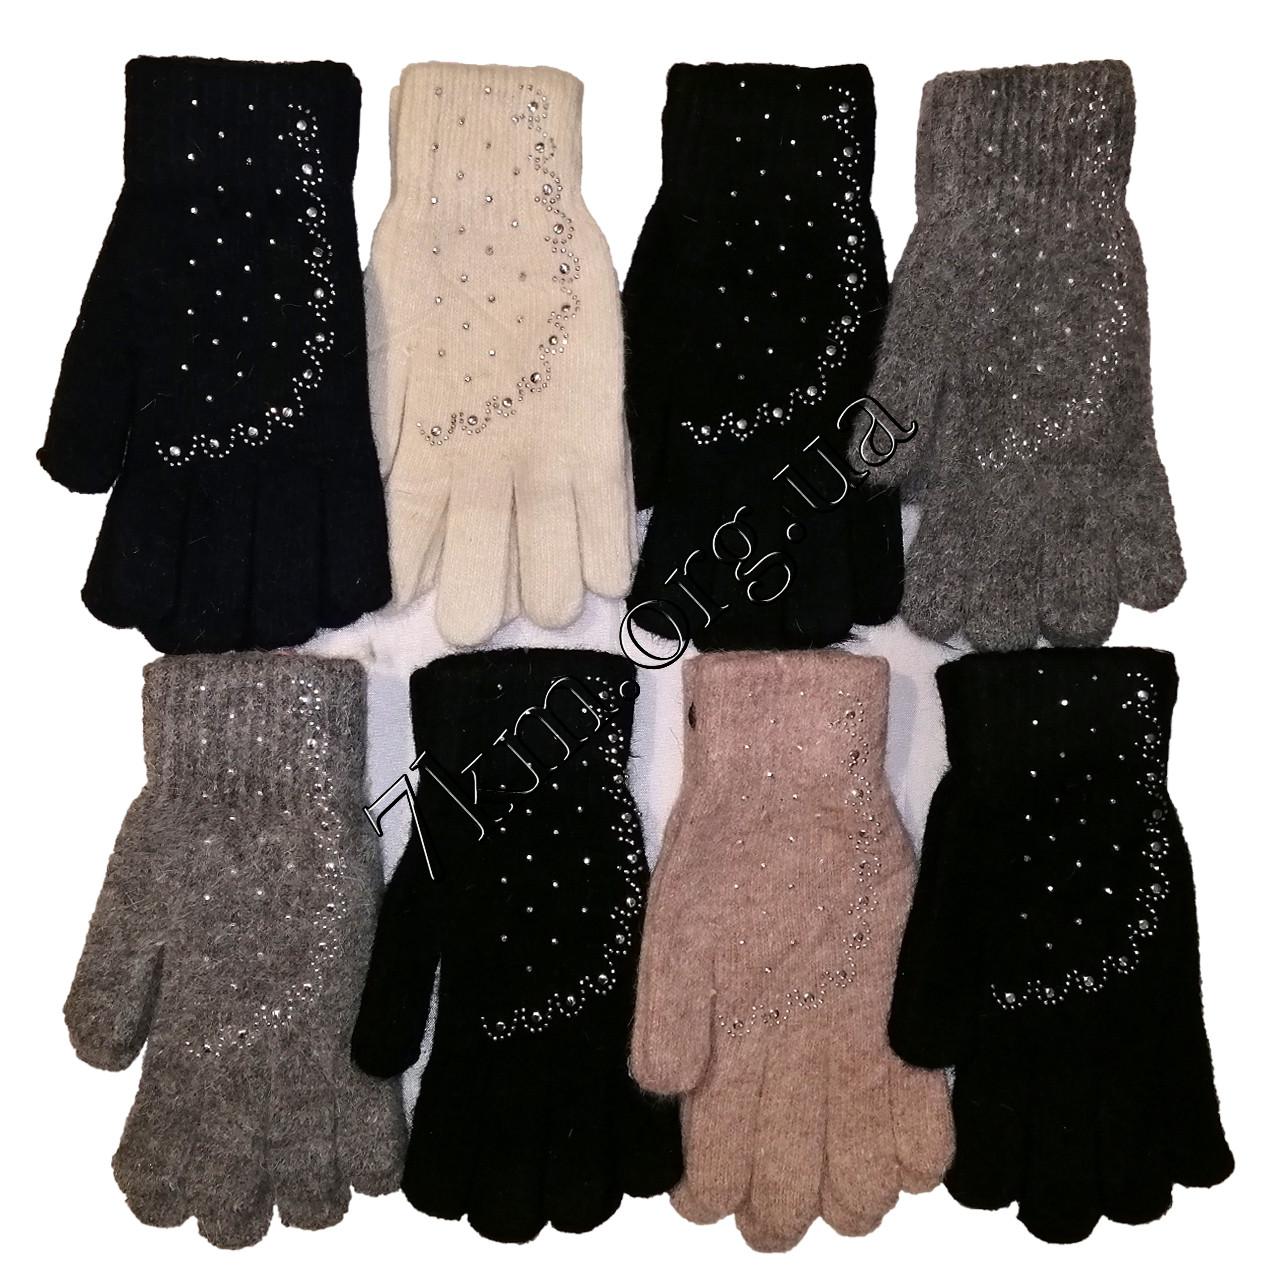 Перчатки молодежные одинарные шерсть +ангора от 16 лет Китай Оптом G7514